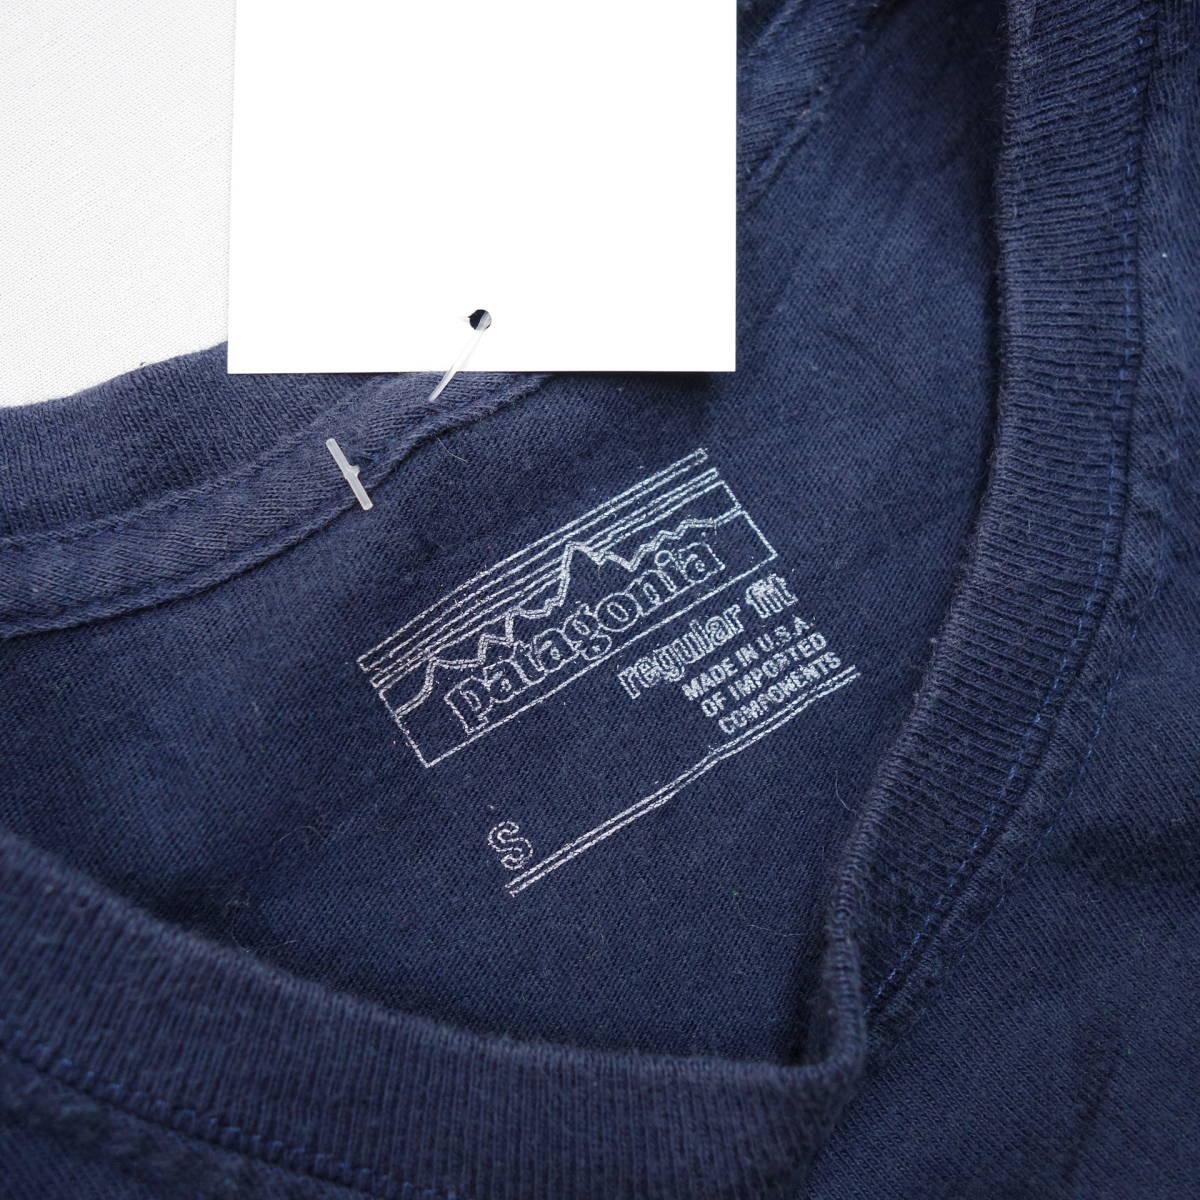 パタゴニア patagonia Tシャツ 半袖 メンズ S クルーネック バックプリント アウトドア カジュアル アメリカ USA直輸入 古着 MNO-1-1-0510_画像5